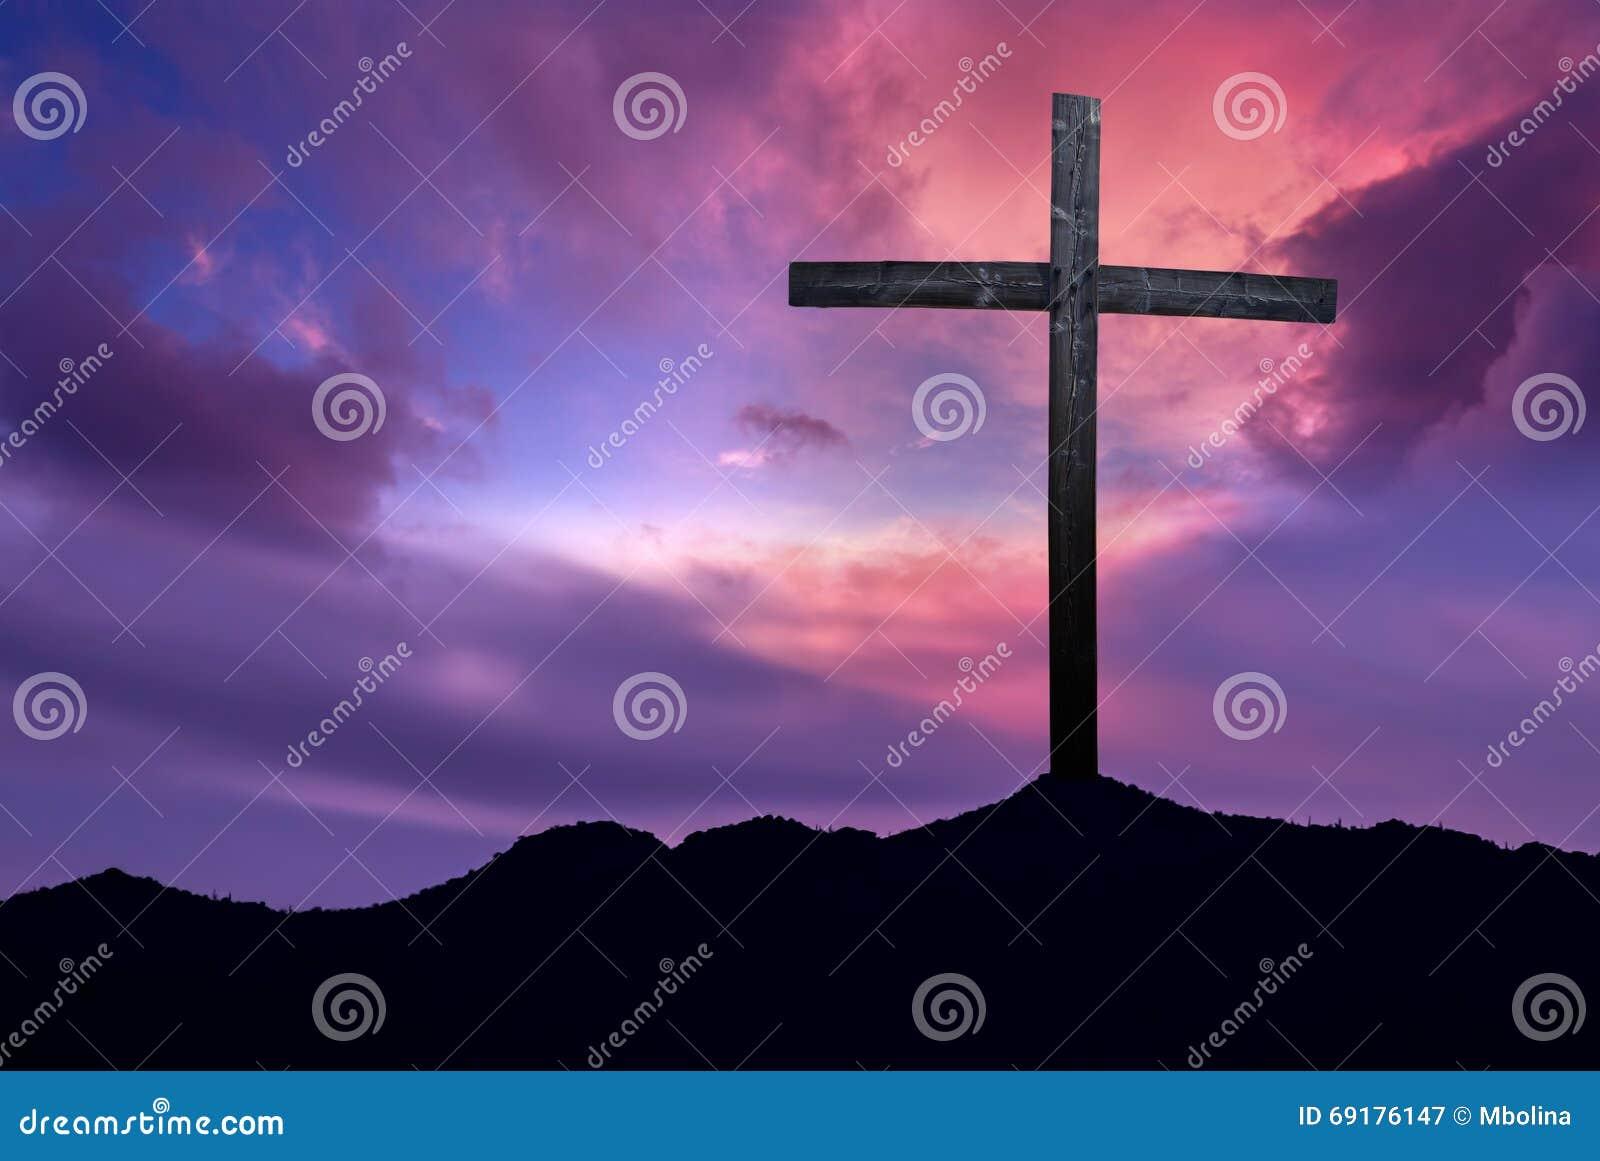 【主日讲章】基督的十字架和基督